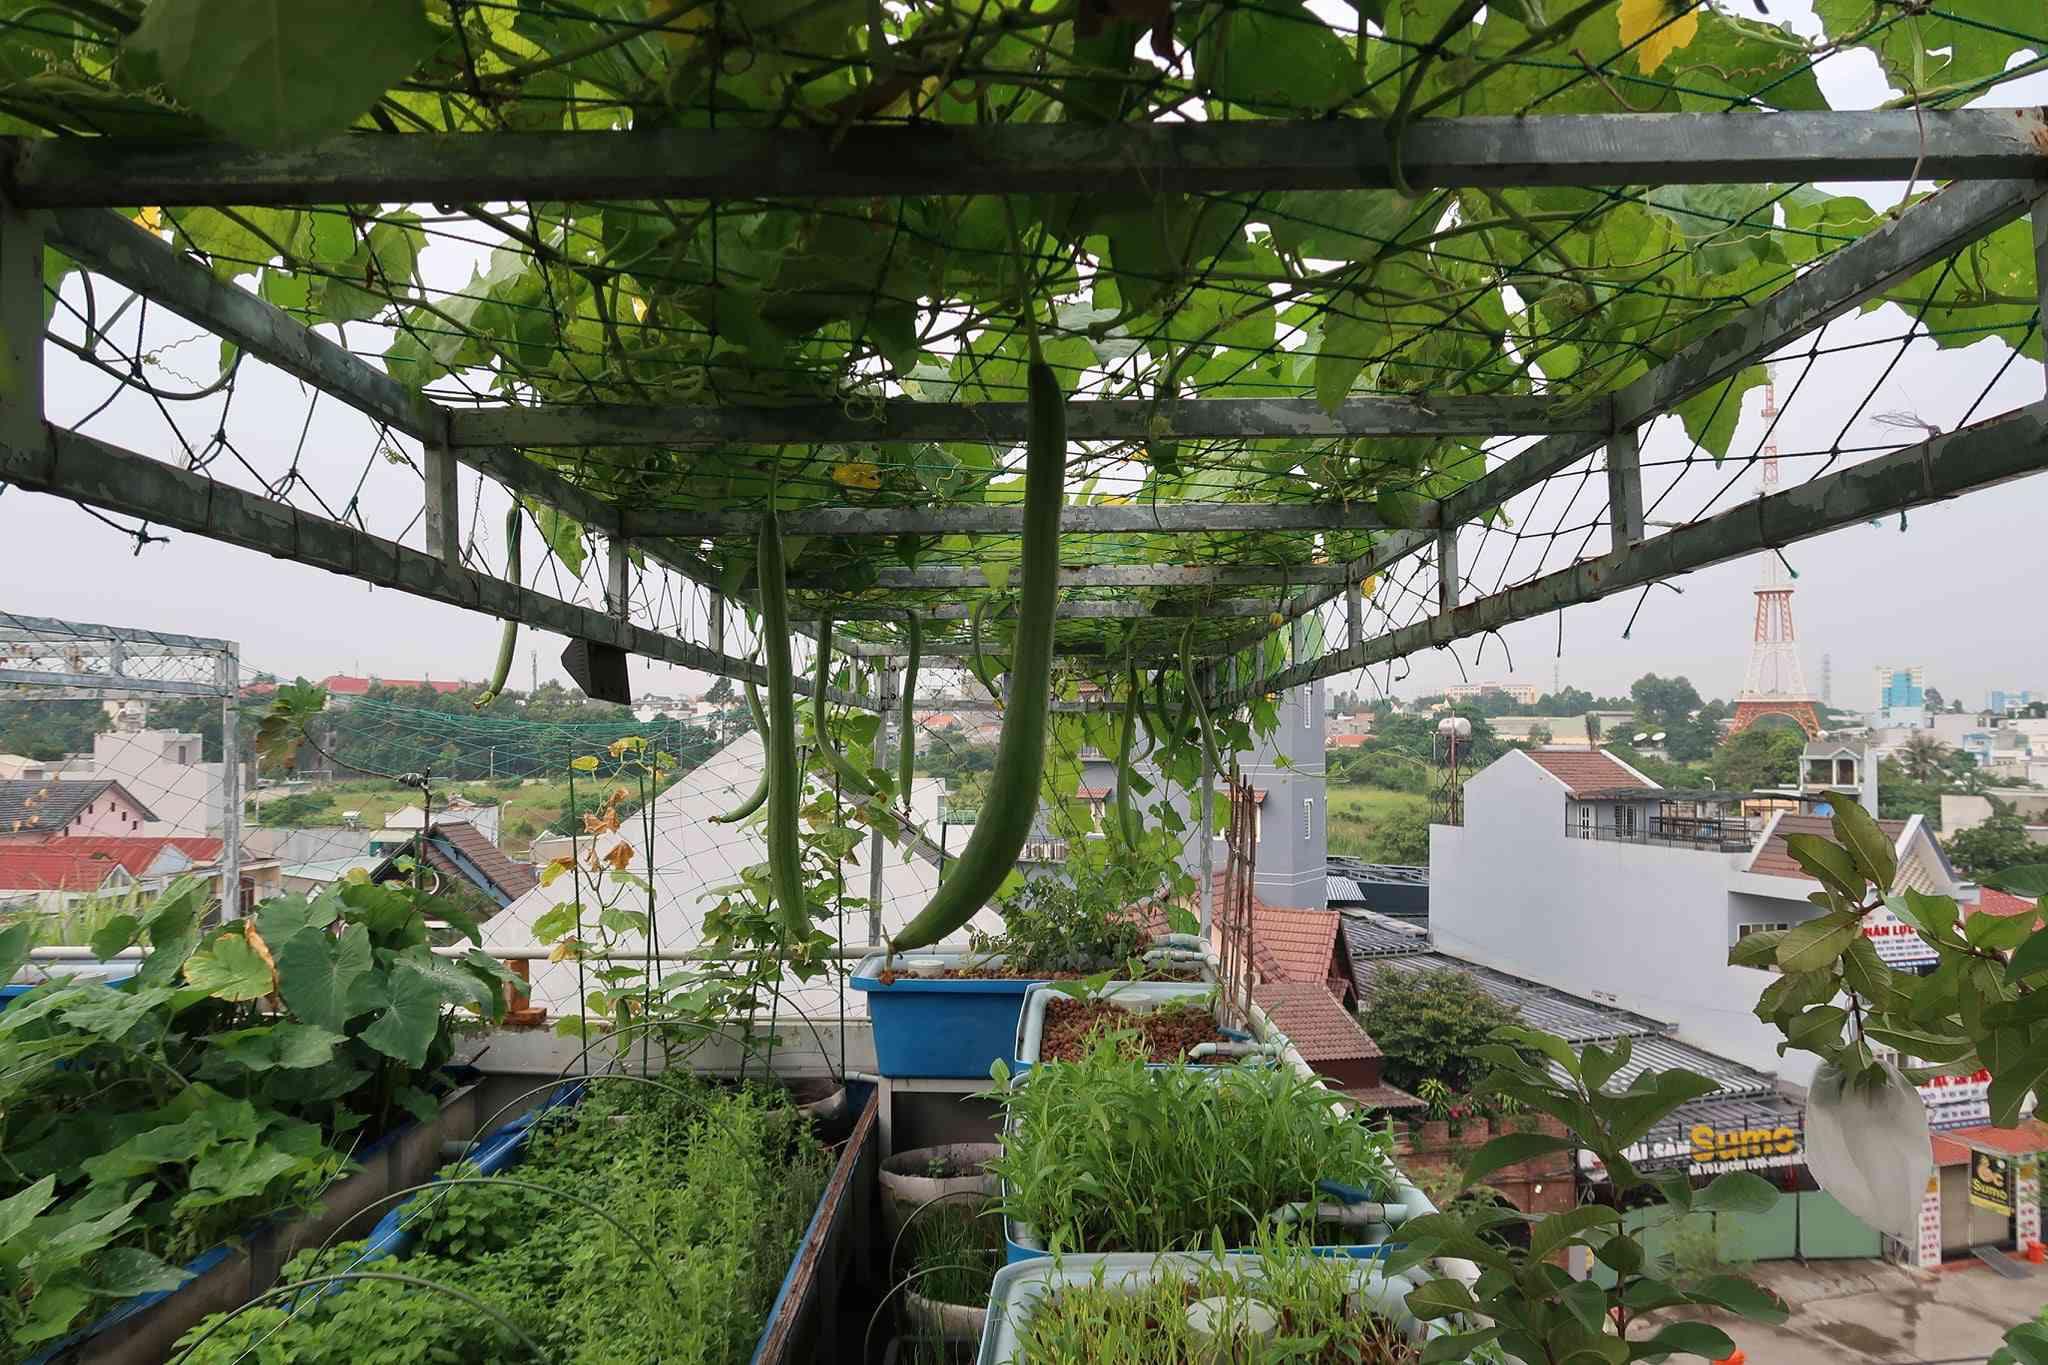 Chán việc văn phòng về trồng vườn rau trên sân thượng, vạn người mê - 3